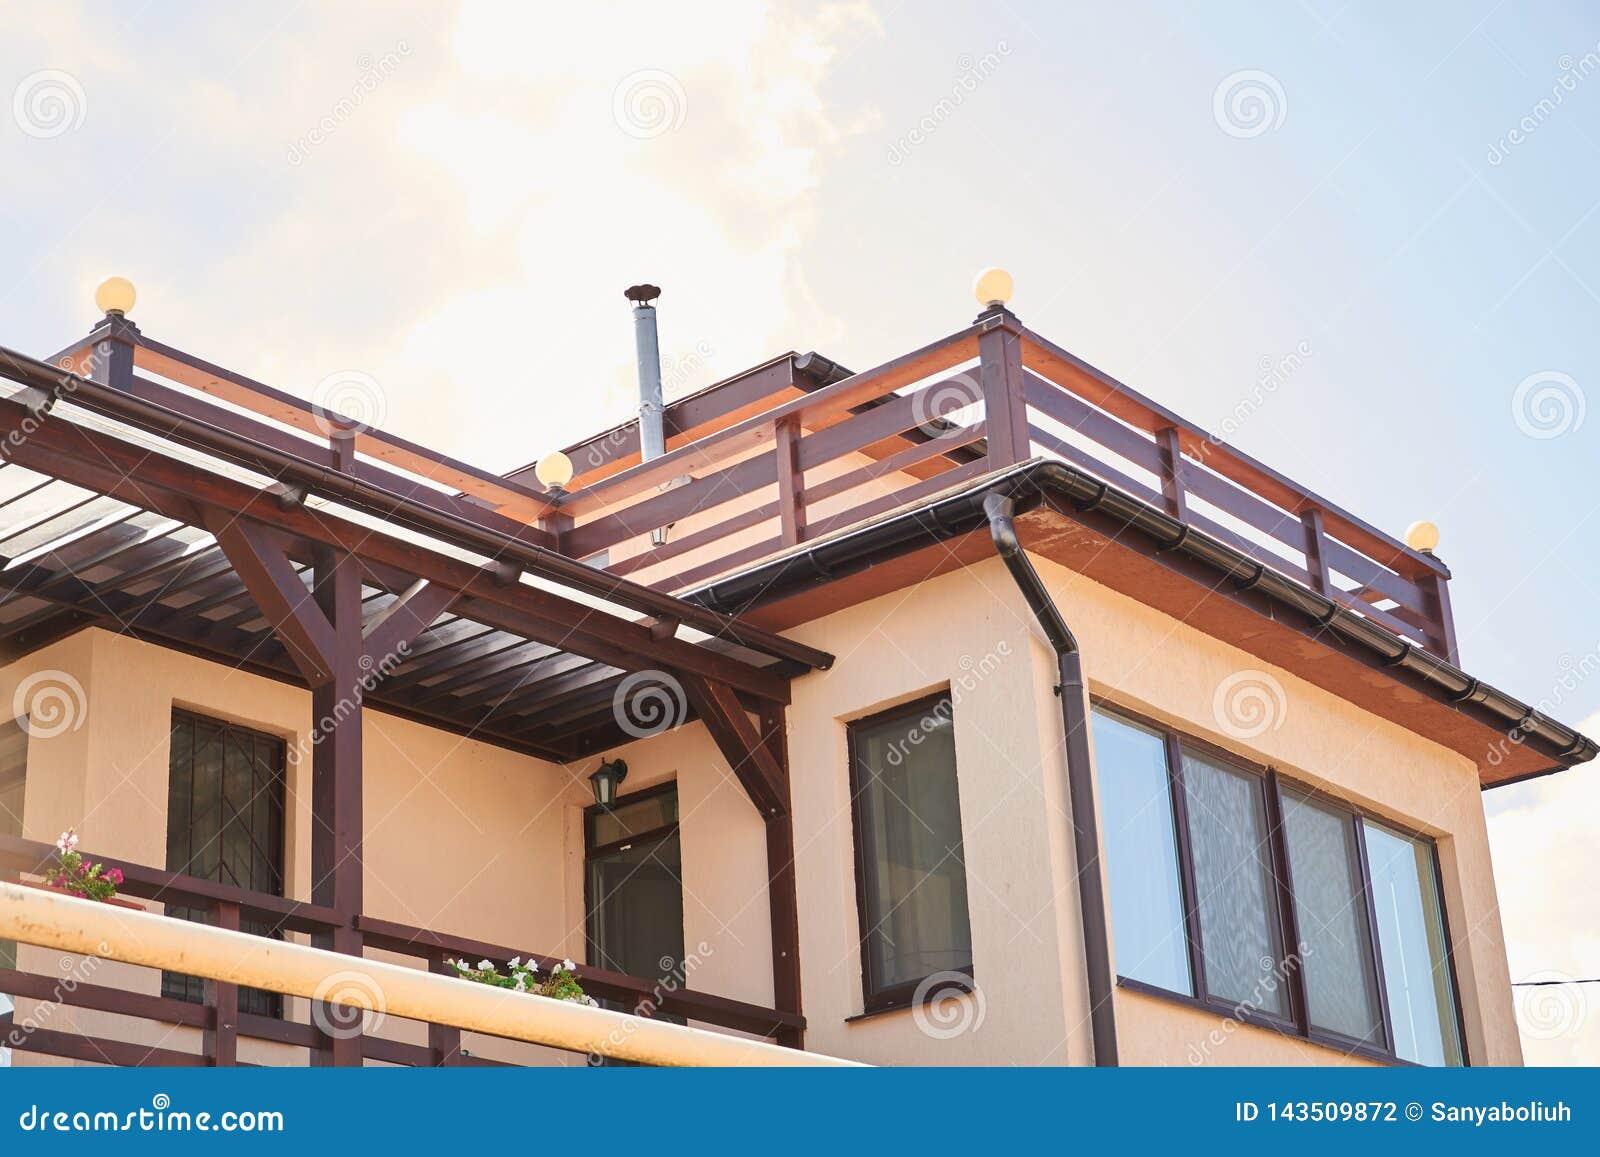 Detalhe do close-up de parte superior ecol?gica moderna nova da casa da casa de campo com o telhado marrom shingled no fundo do c